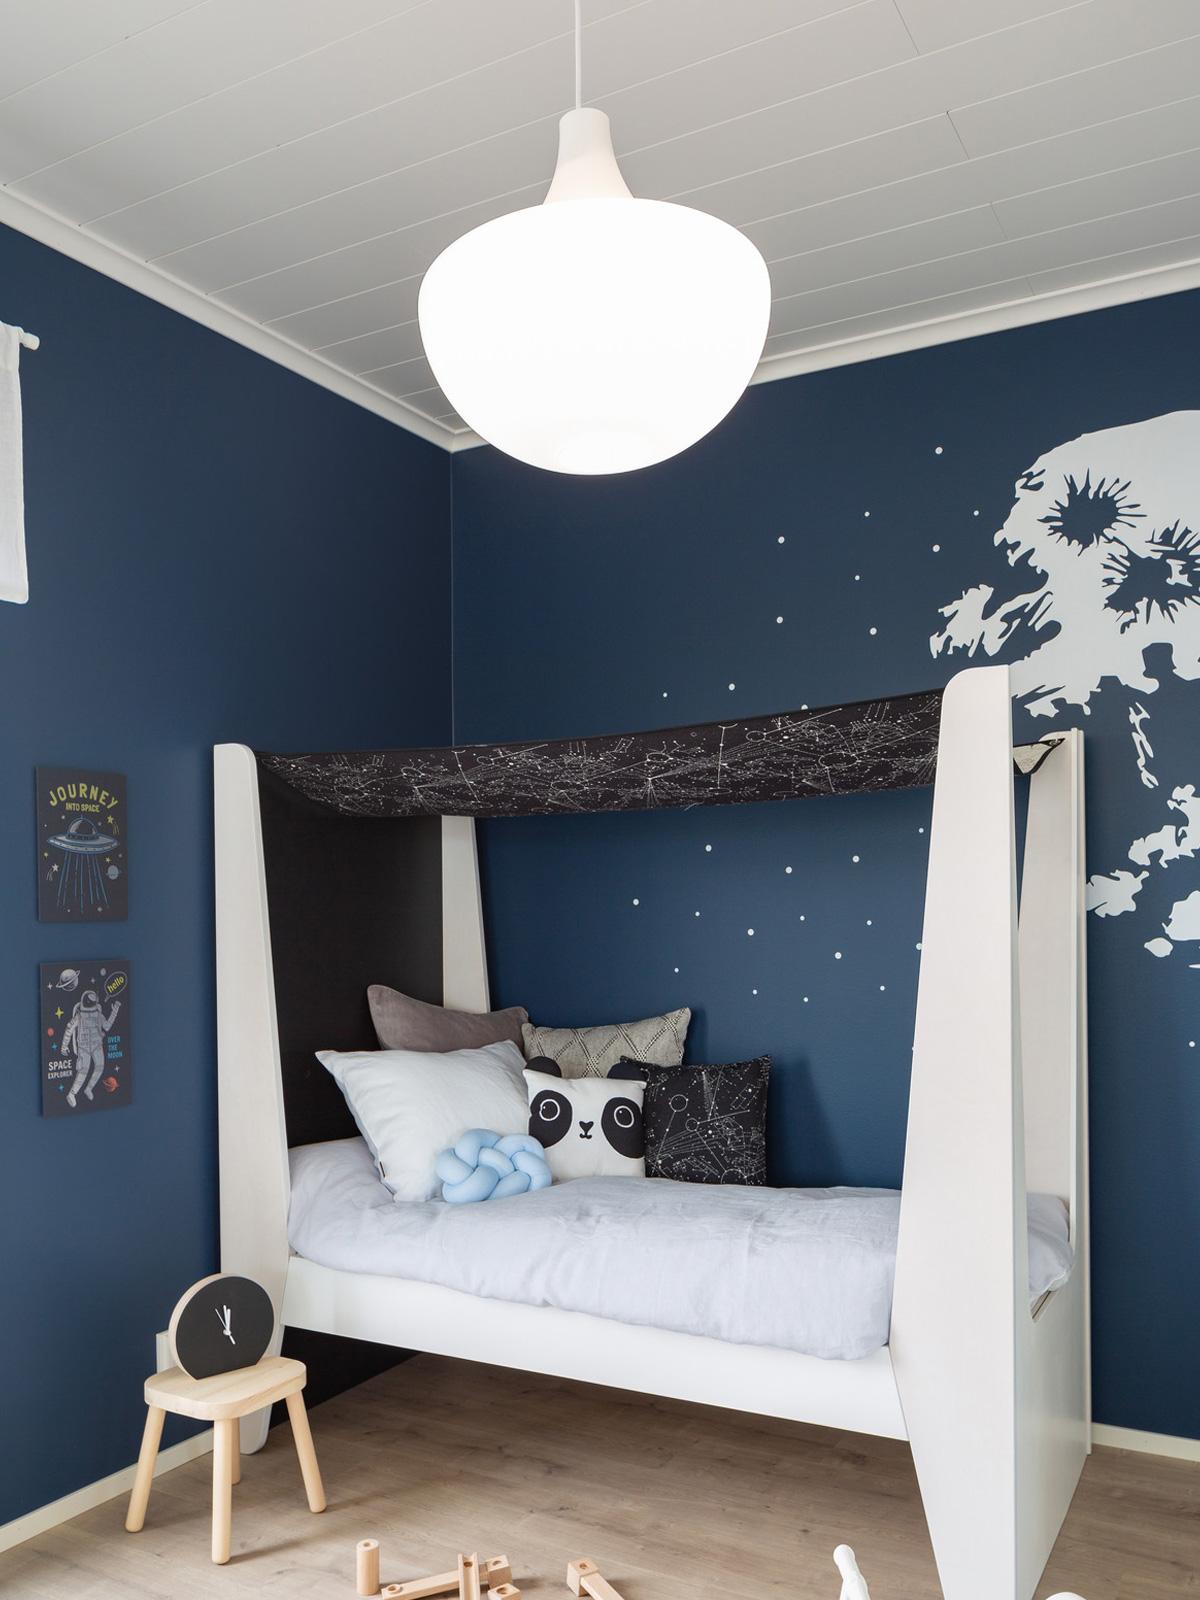 Innolux Belle Glasleuchte skandinavisch finnisch design DesignOrt Berlin Lampen Leuchten